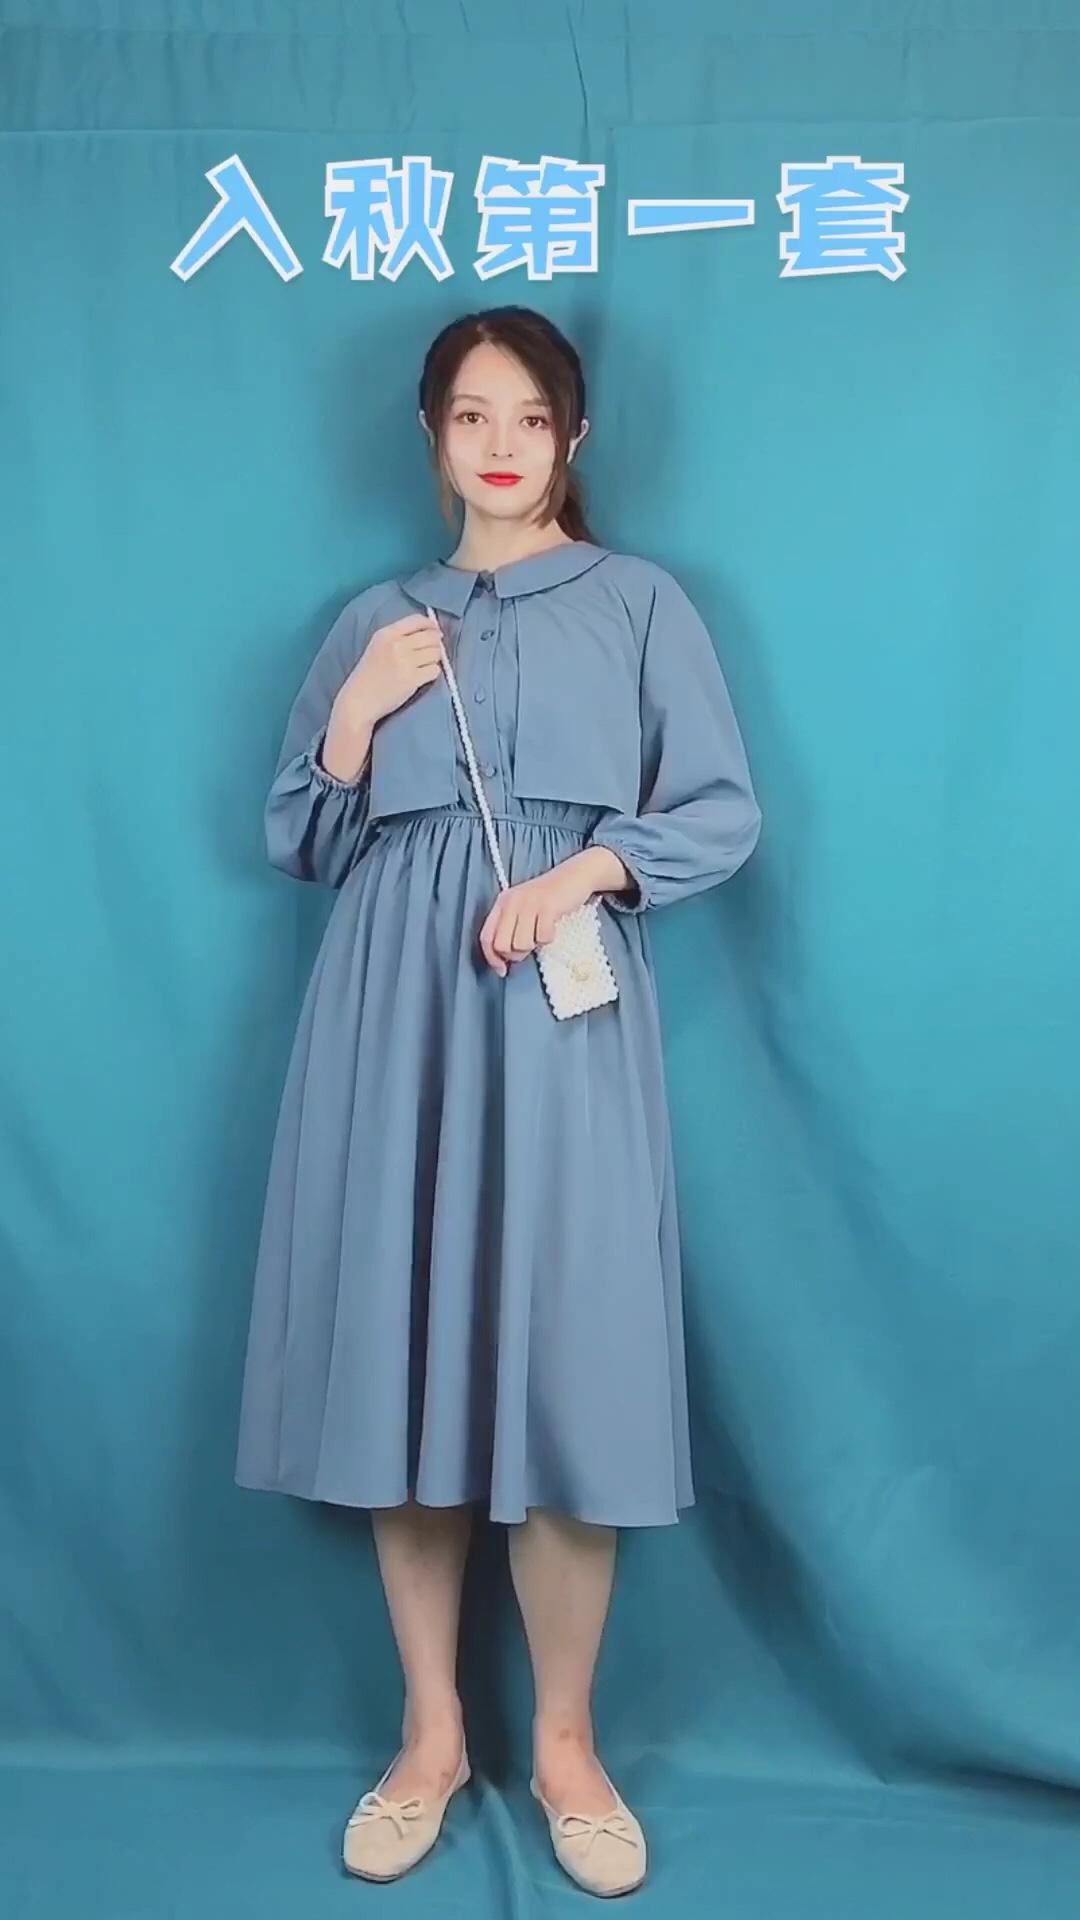 入秋第一套,雾霾蓝连衣裙。 九分袖的连衣裙,非常适合夏秋过度时期。颜色是显白又高级的雾霾蓝,不挑肤色。娃娃领设计,有减龄的效果。风衣式的设计很特别,有层次感。高腰设计,凸显腰线,显瘦显高。面料是垂坠有质感的雪纺面料,满满高级感。 #立秋囤秋装,九月你最靓!#